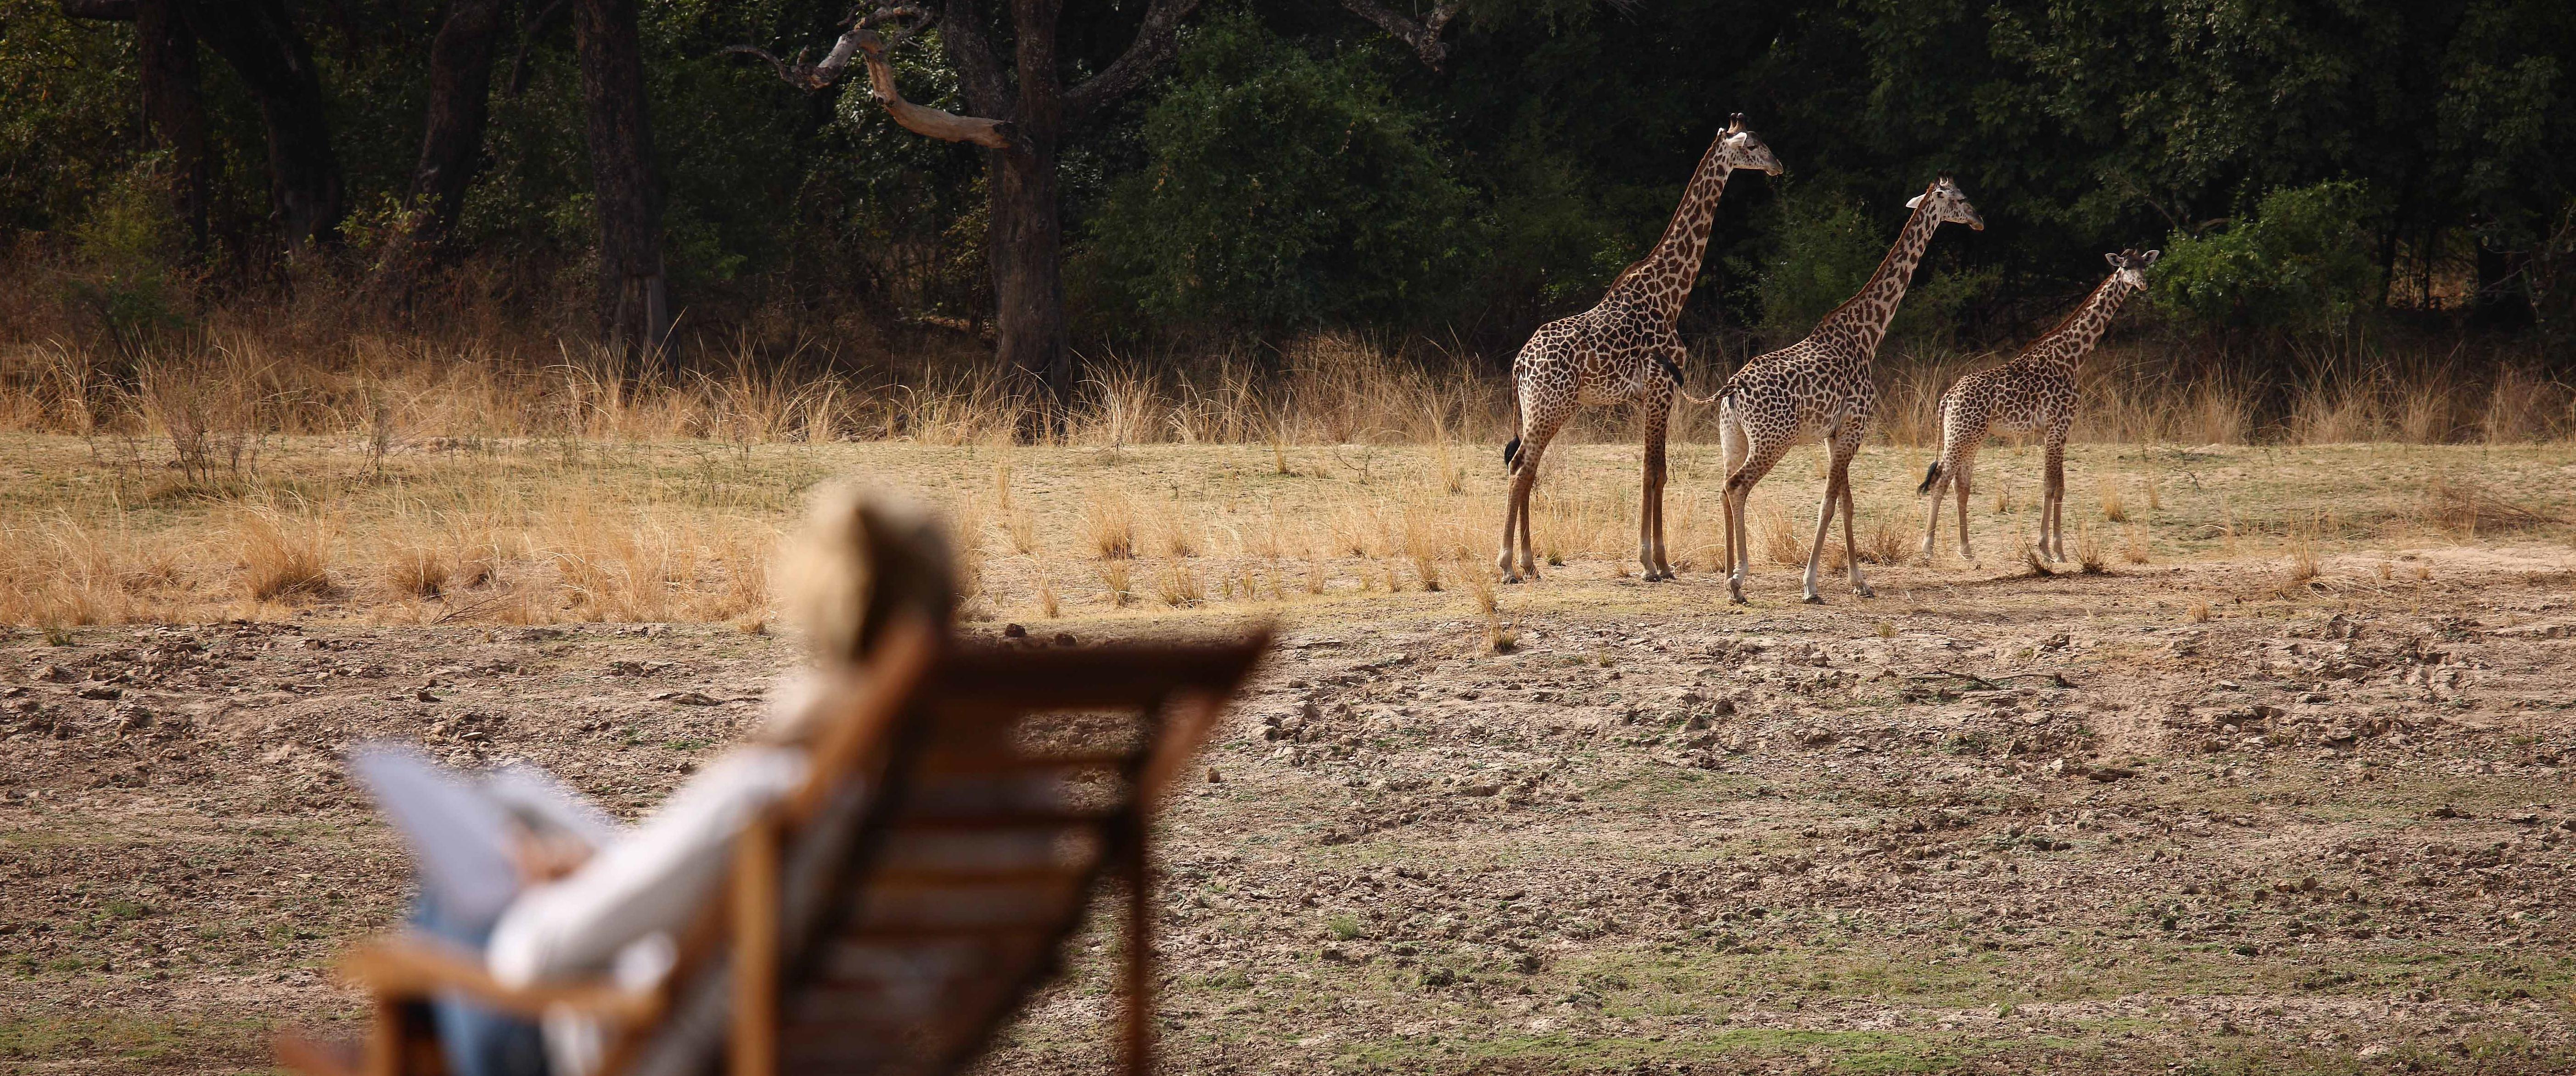 chinzombo-giraffe-sighting